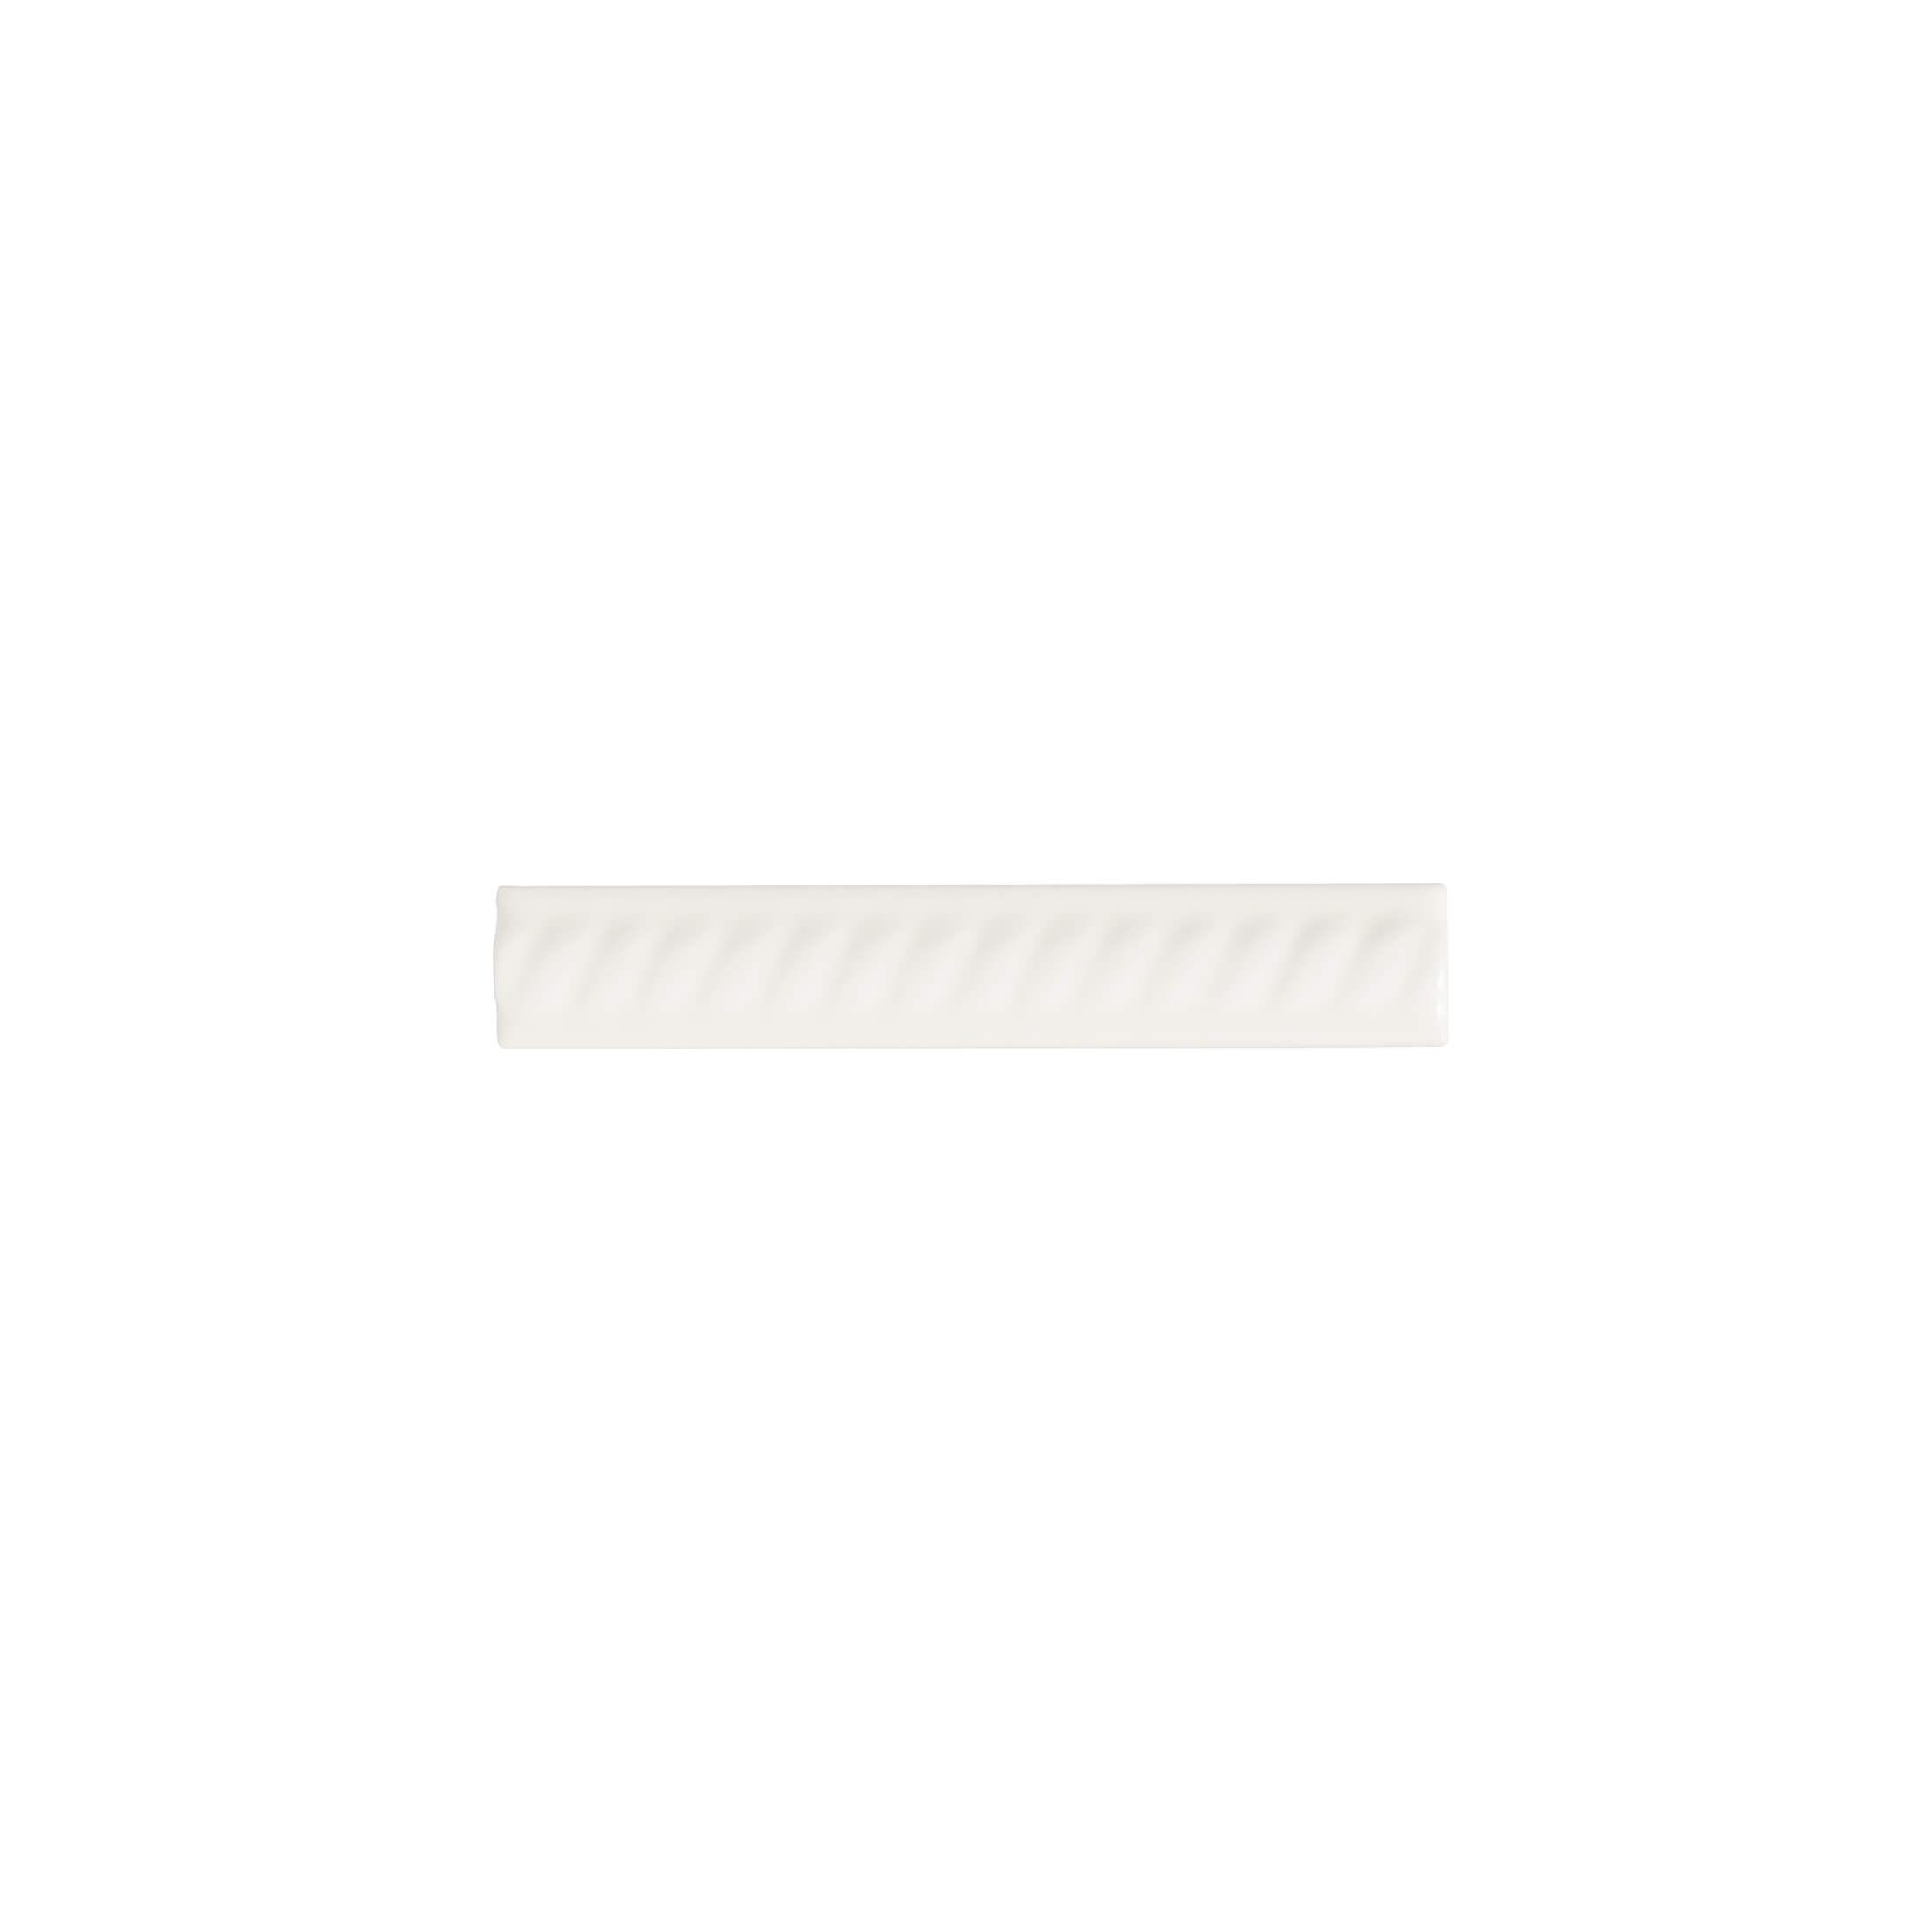 ADNE5156 - TRENZA PB - 2.5 cm X 15 cm